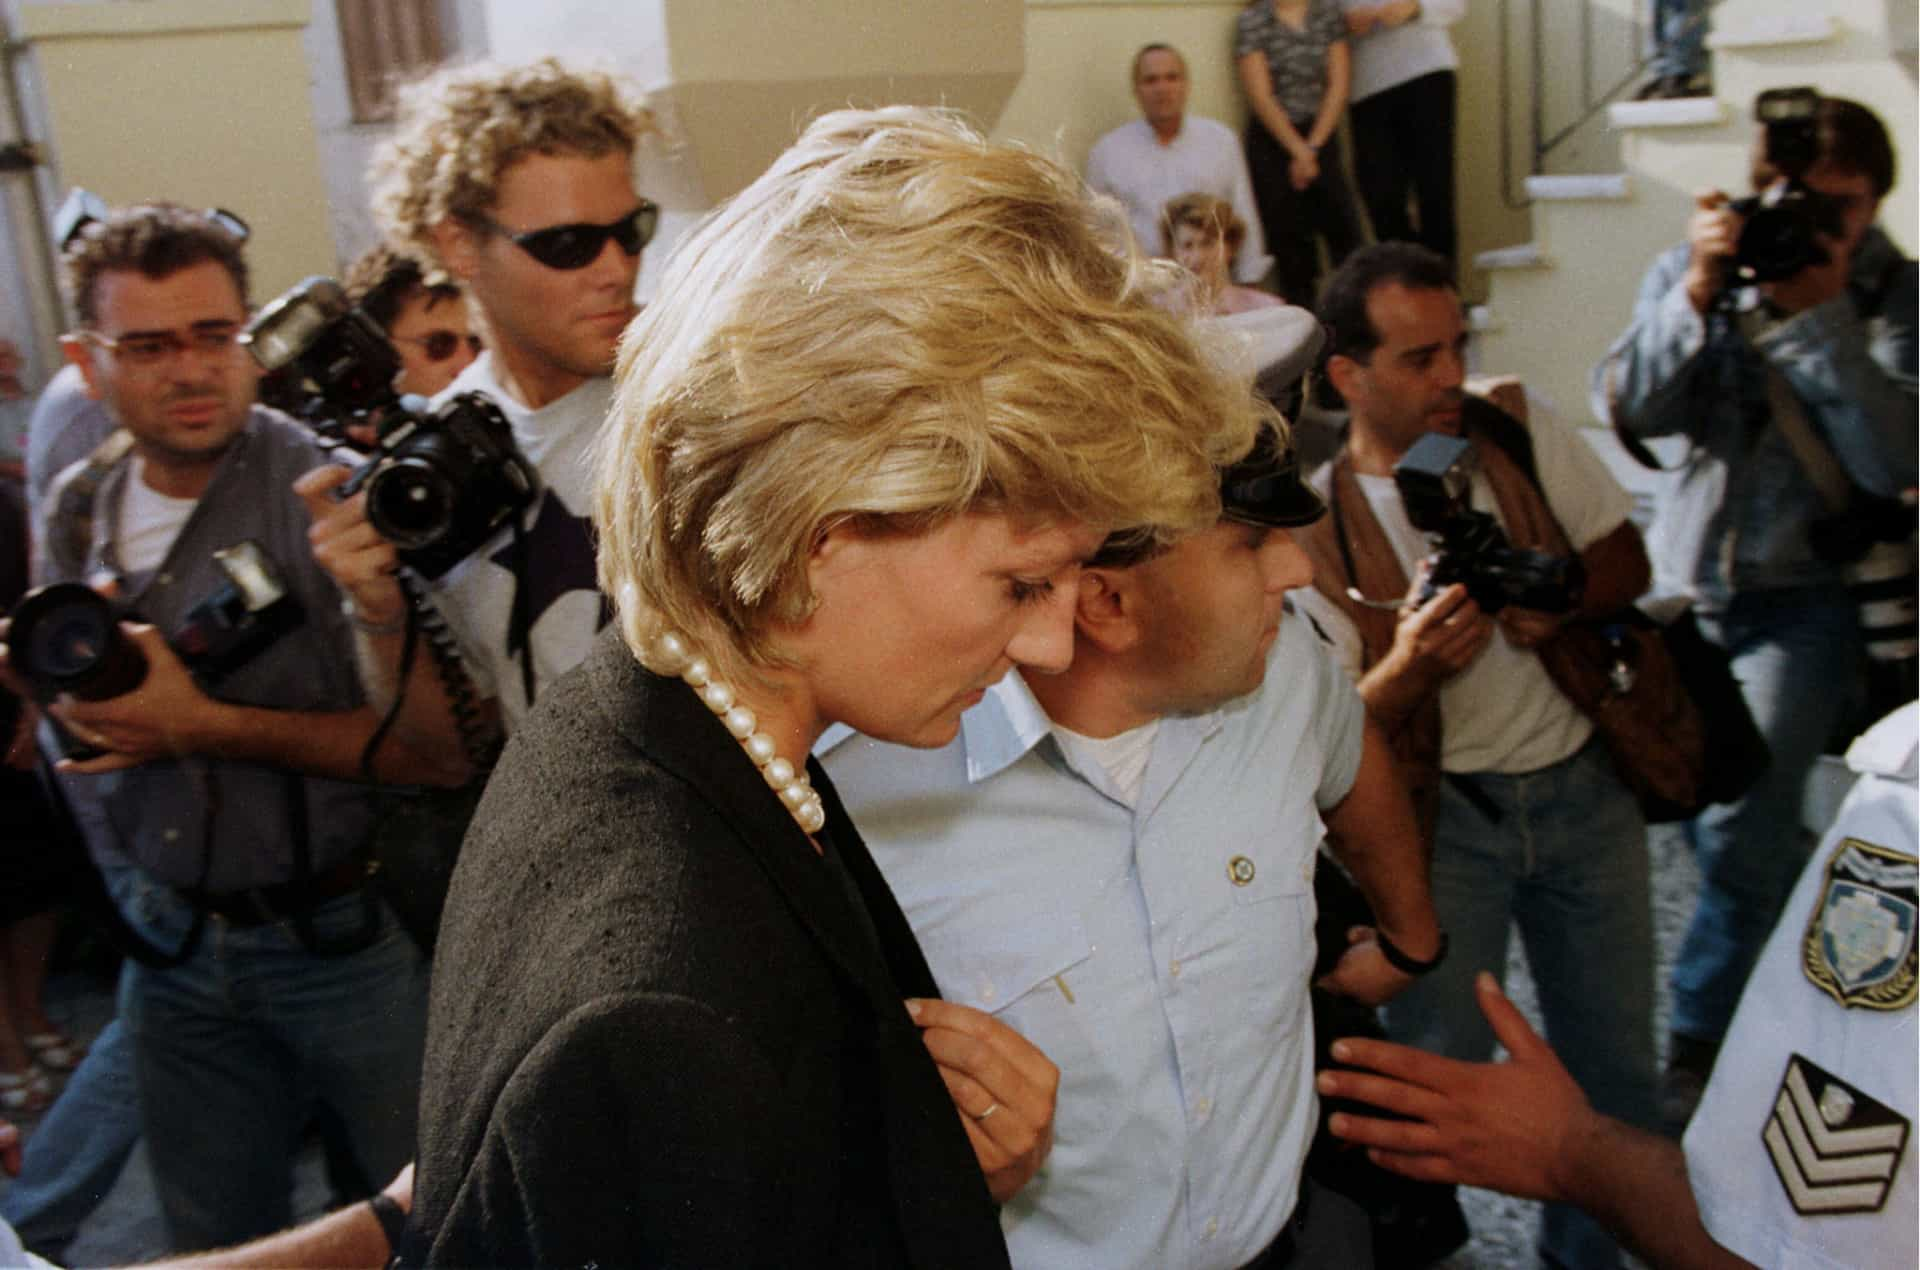 Família real vs Paparazzi: Uma história de amor e ódio